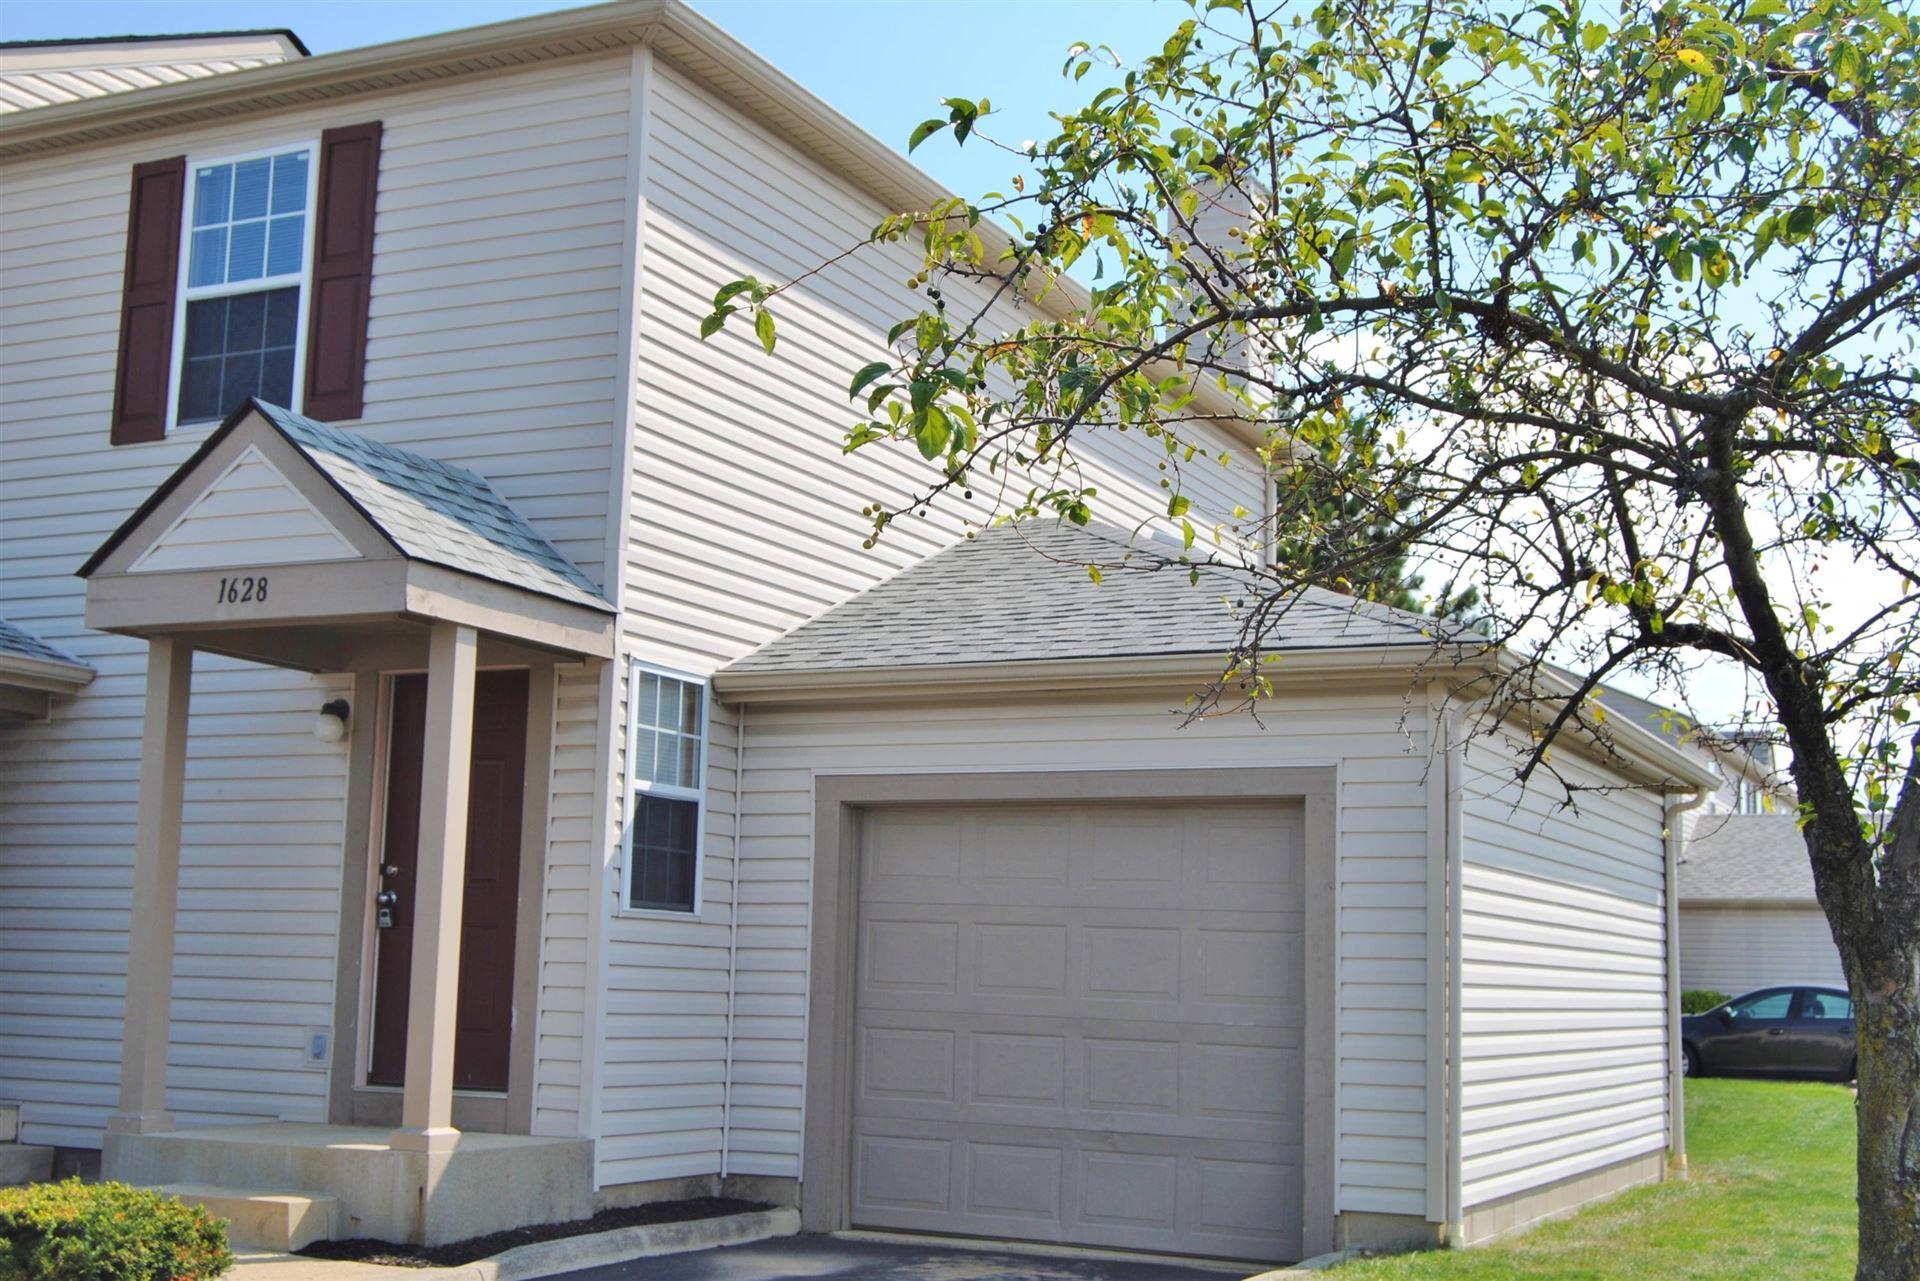 1628 Holland Drive #183F, Hilliard, OH 43026 - MLS#: 220029504